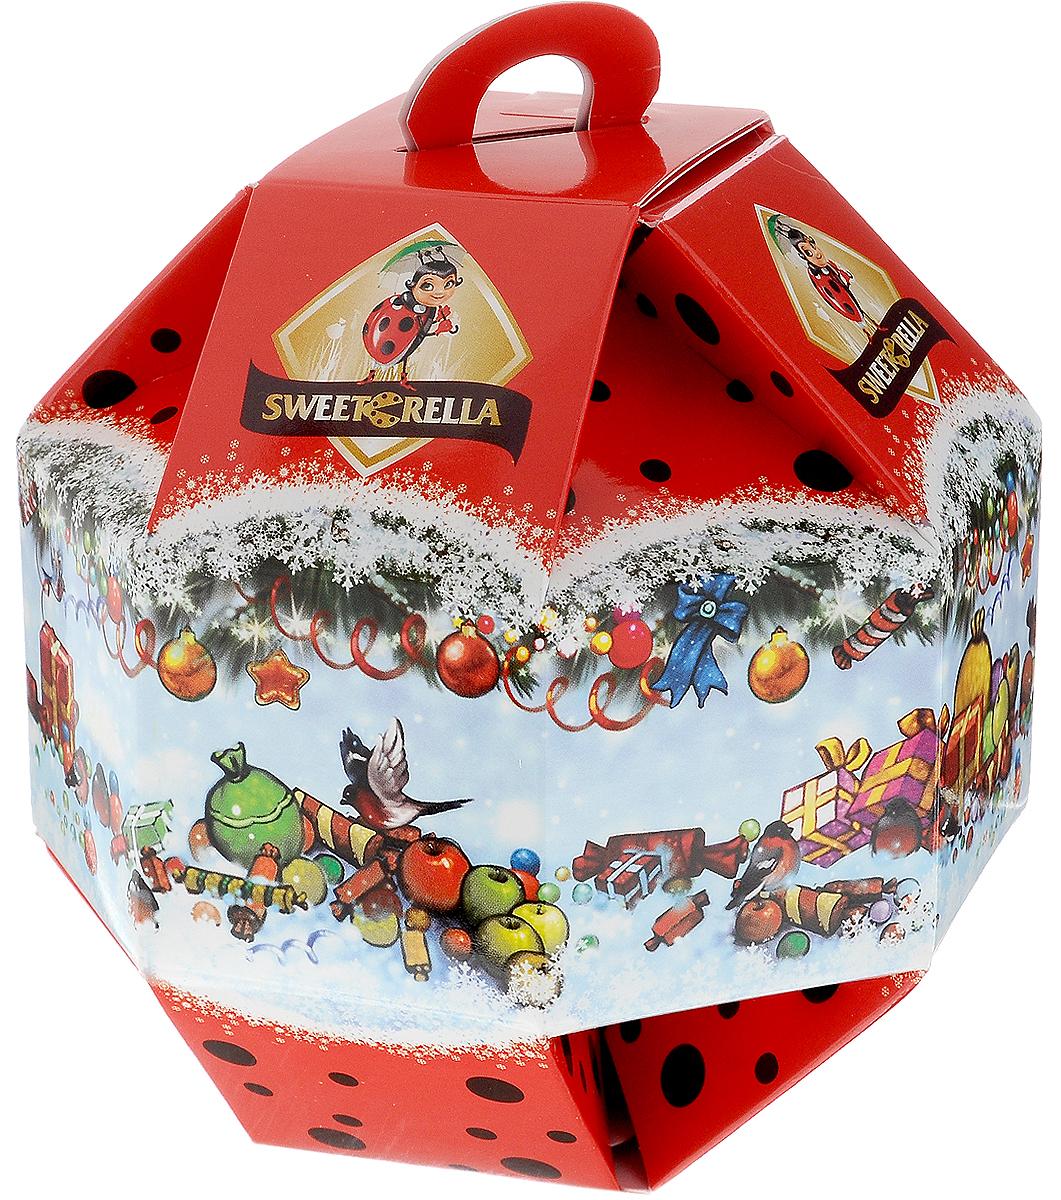 Sweeterella Новогодний шарик конфеты шоколадные, 138 г sweeterella набор сдобного печенья ассорти 710 г